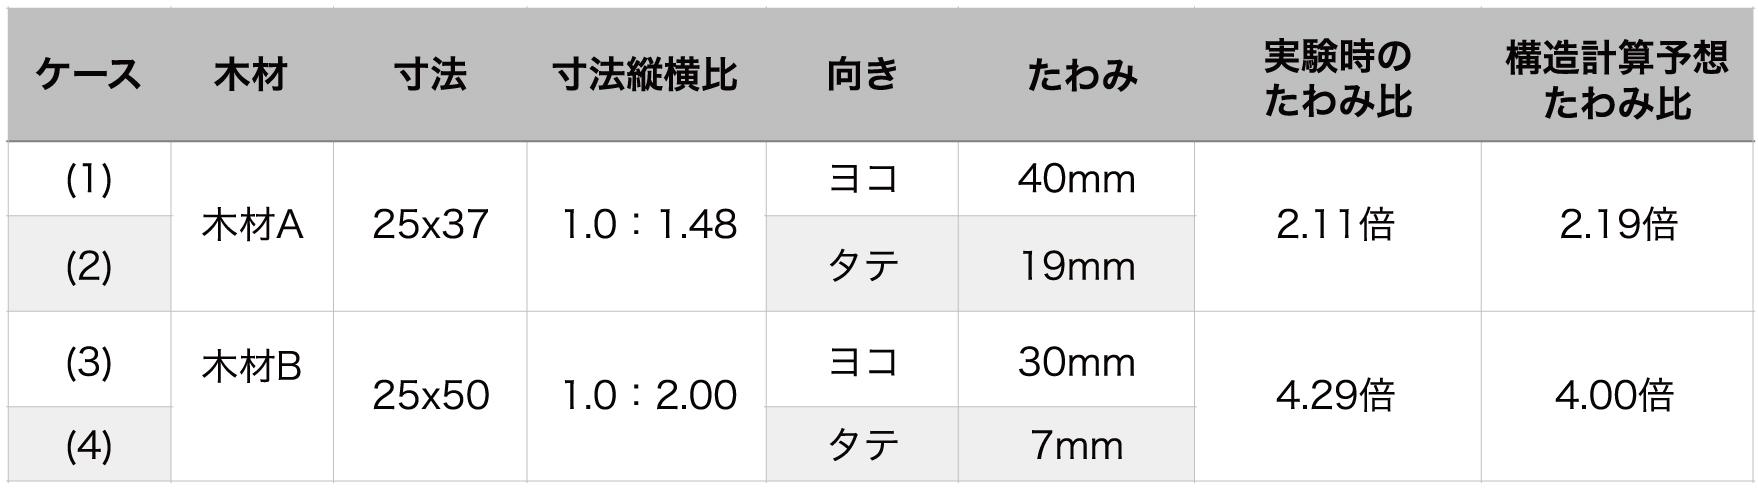 木材の強度比較|コノイエプラス